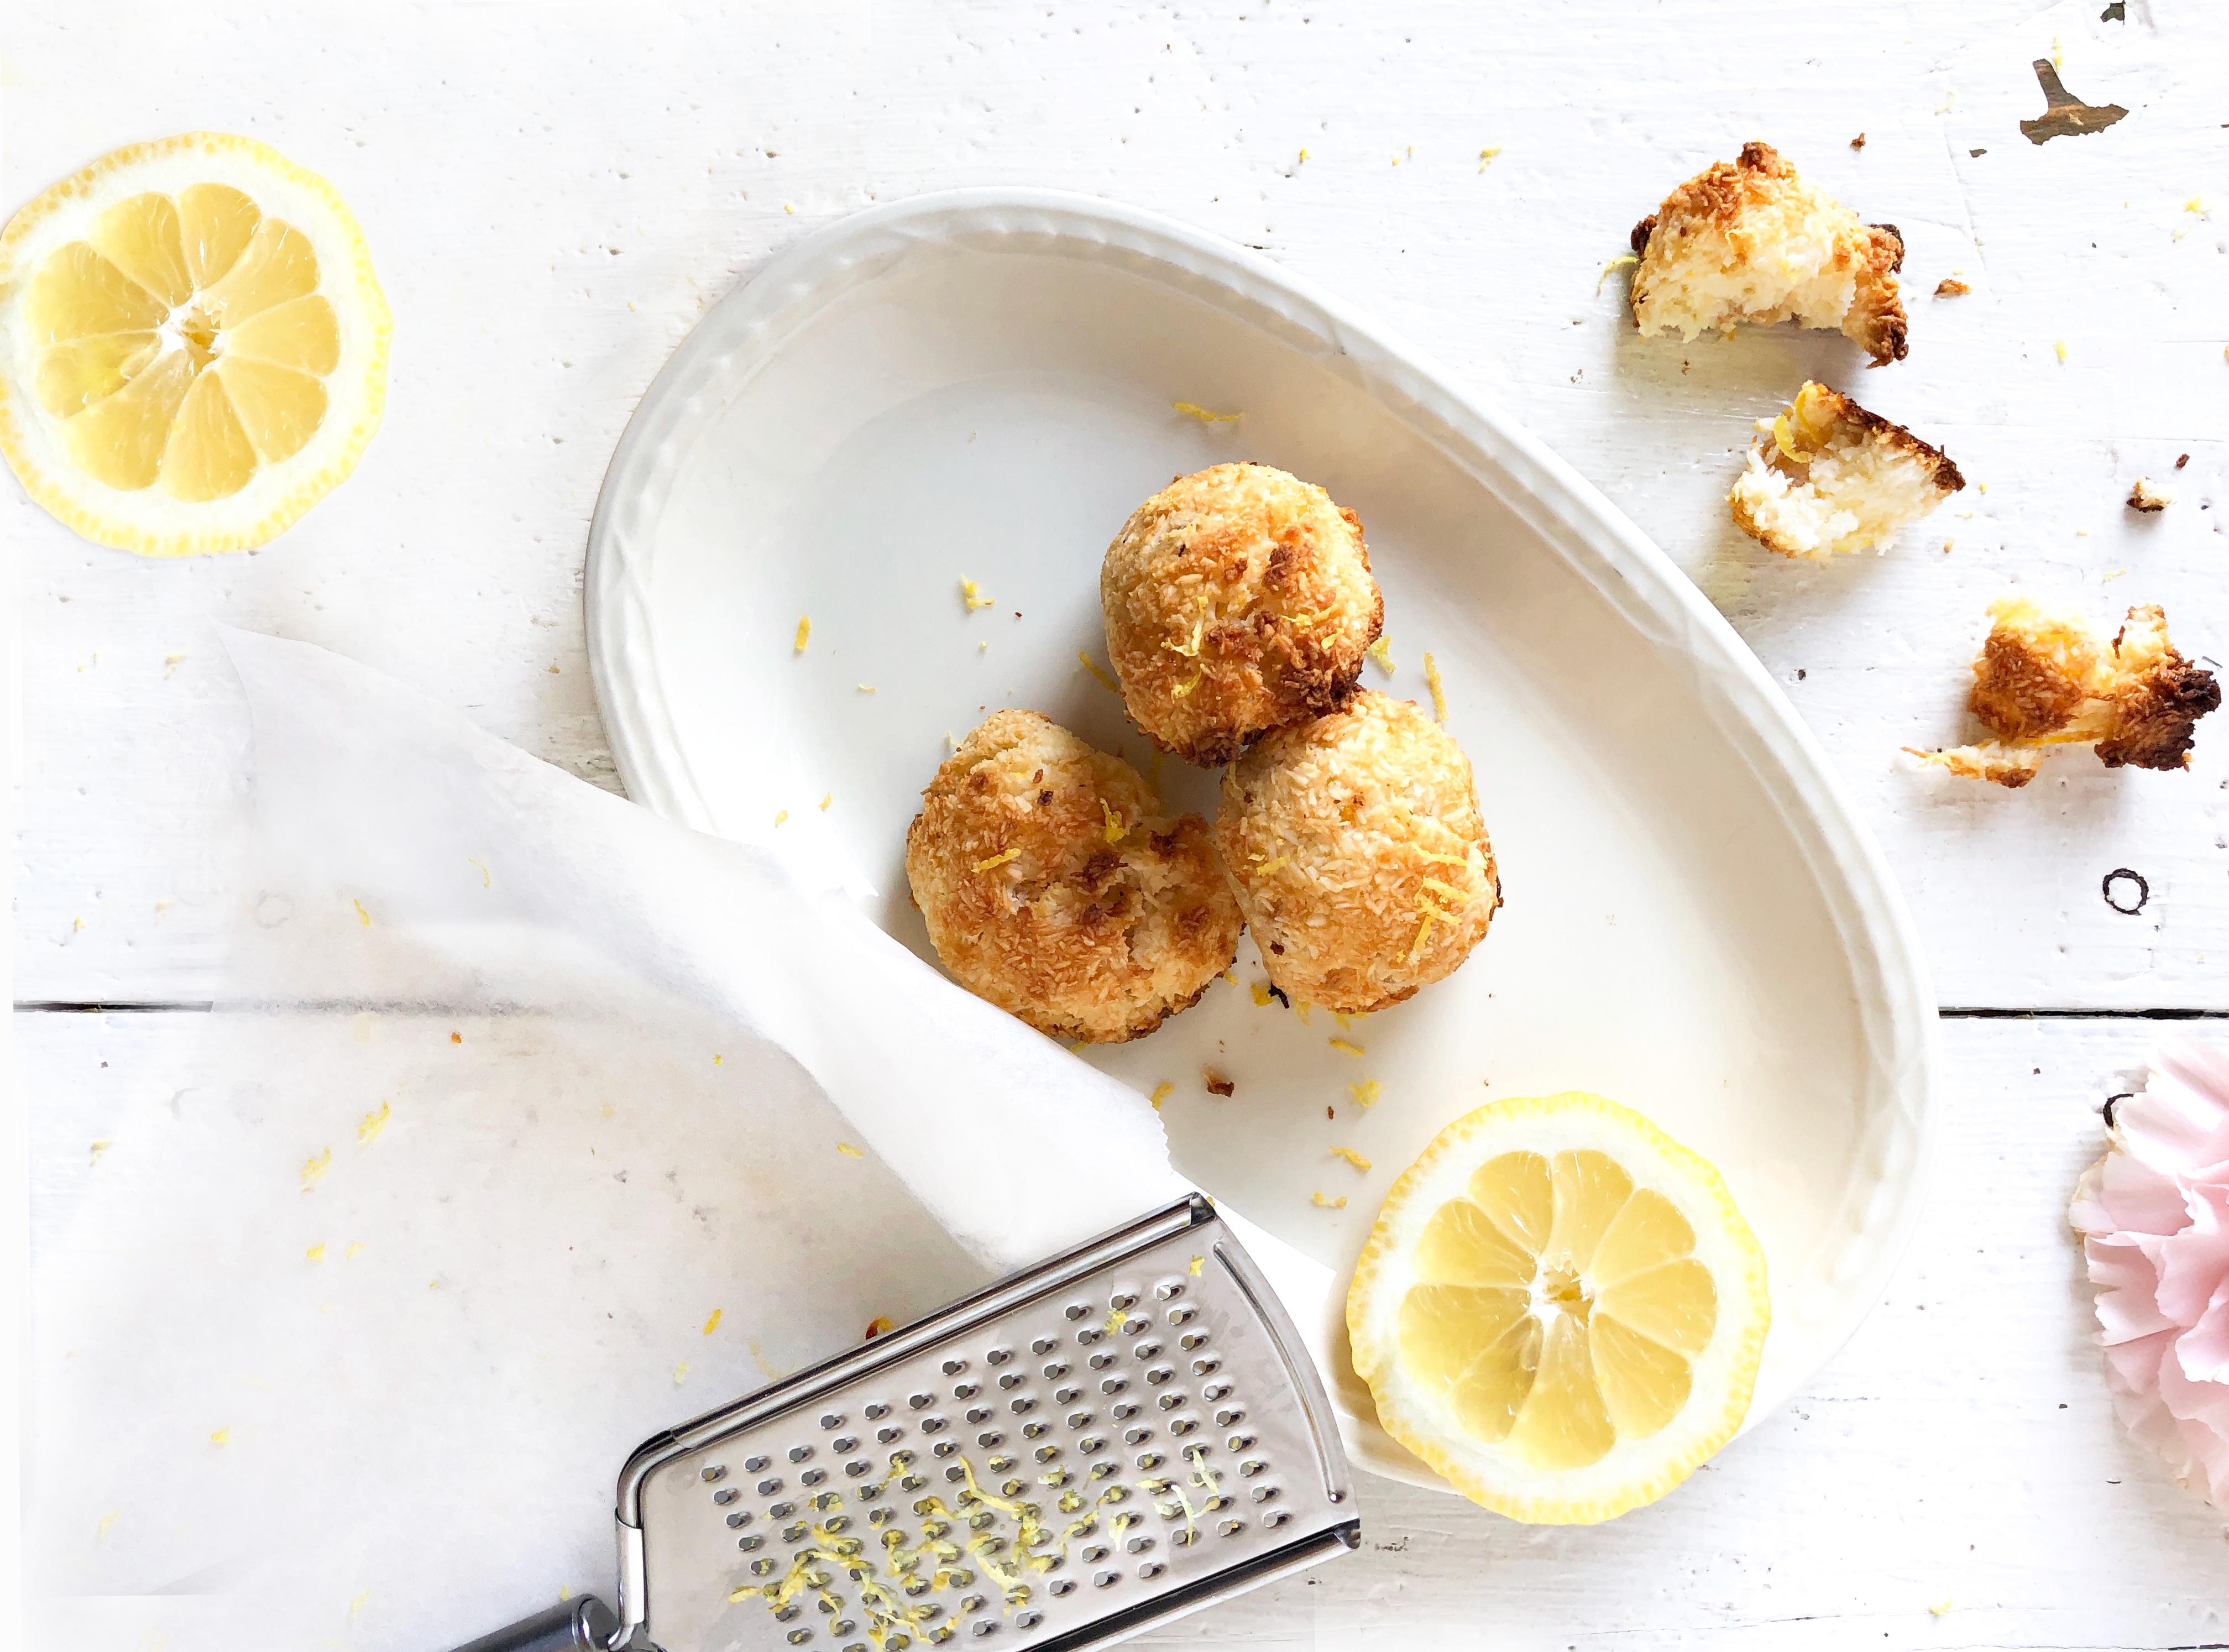 cocosmakronen met citroen en gember